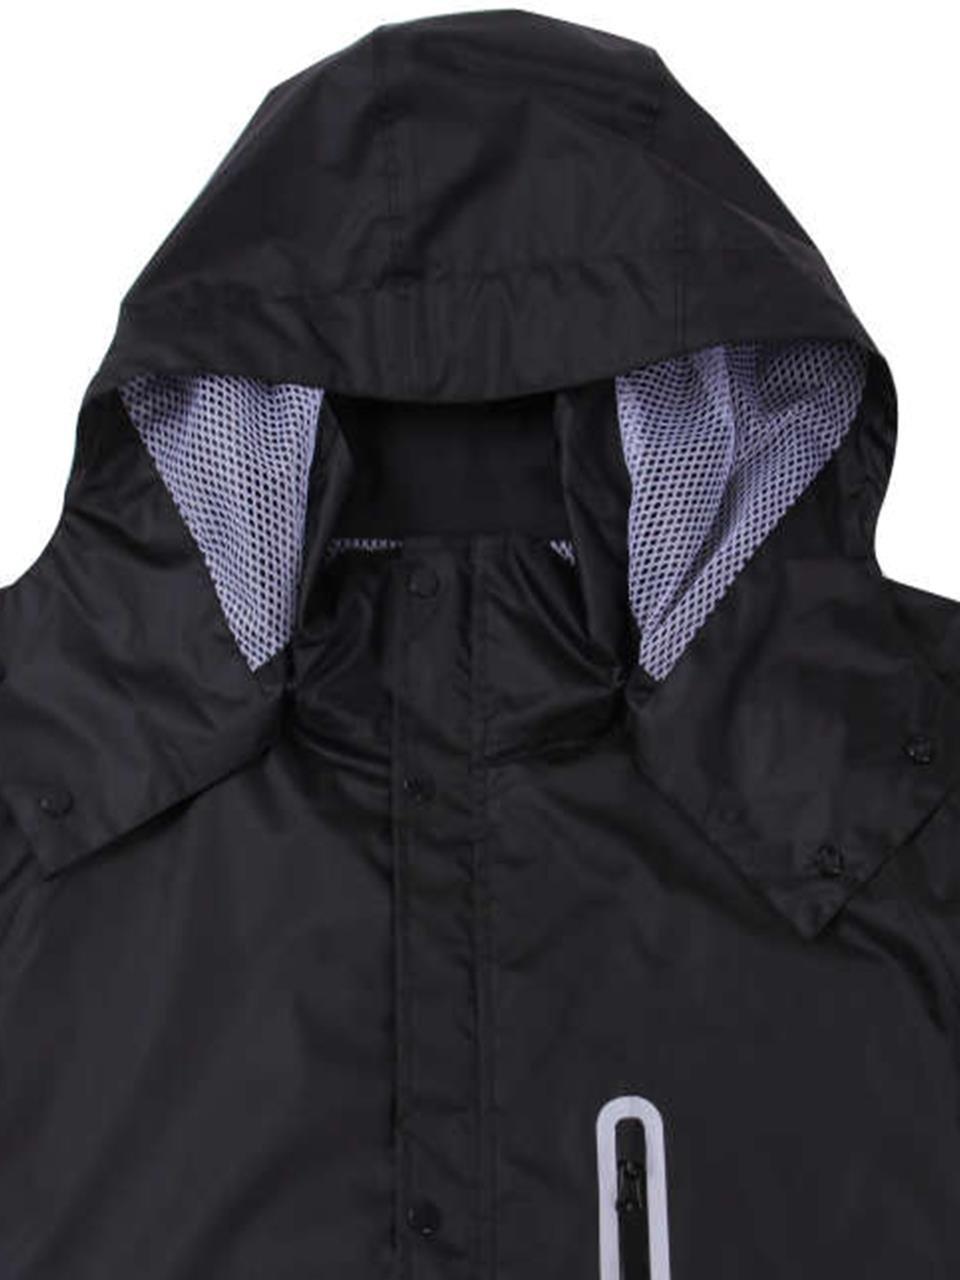 96b8f32d7e04da レインウェア 大きいサイズ メンズ レインスーツ 合羽 カッパ 雨具 BIGサイズ メッシュ C291024-01 B076ZCCFNB  3L|ブラック ブラック 3L -レインスーツ上下セット